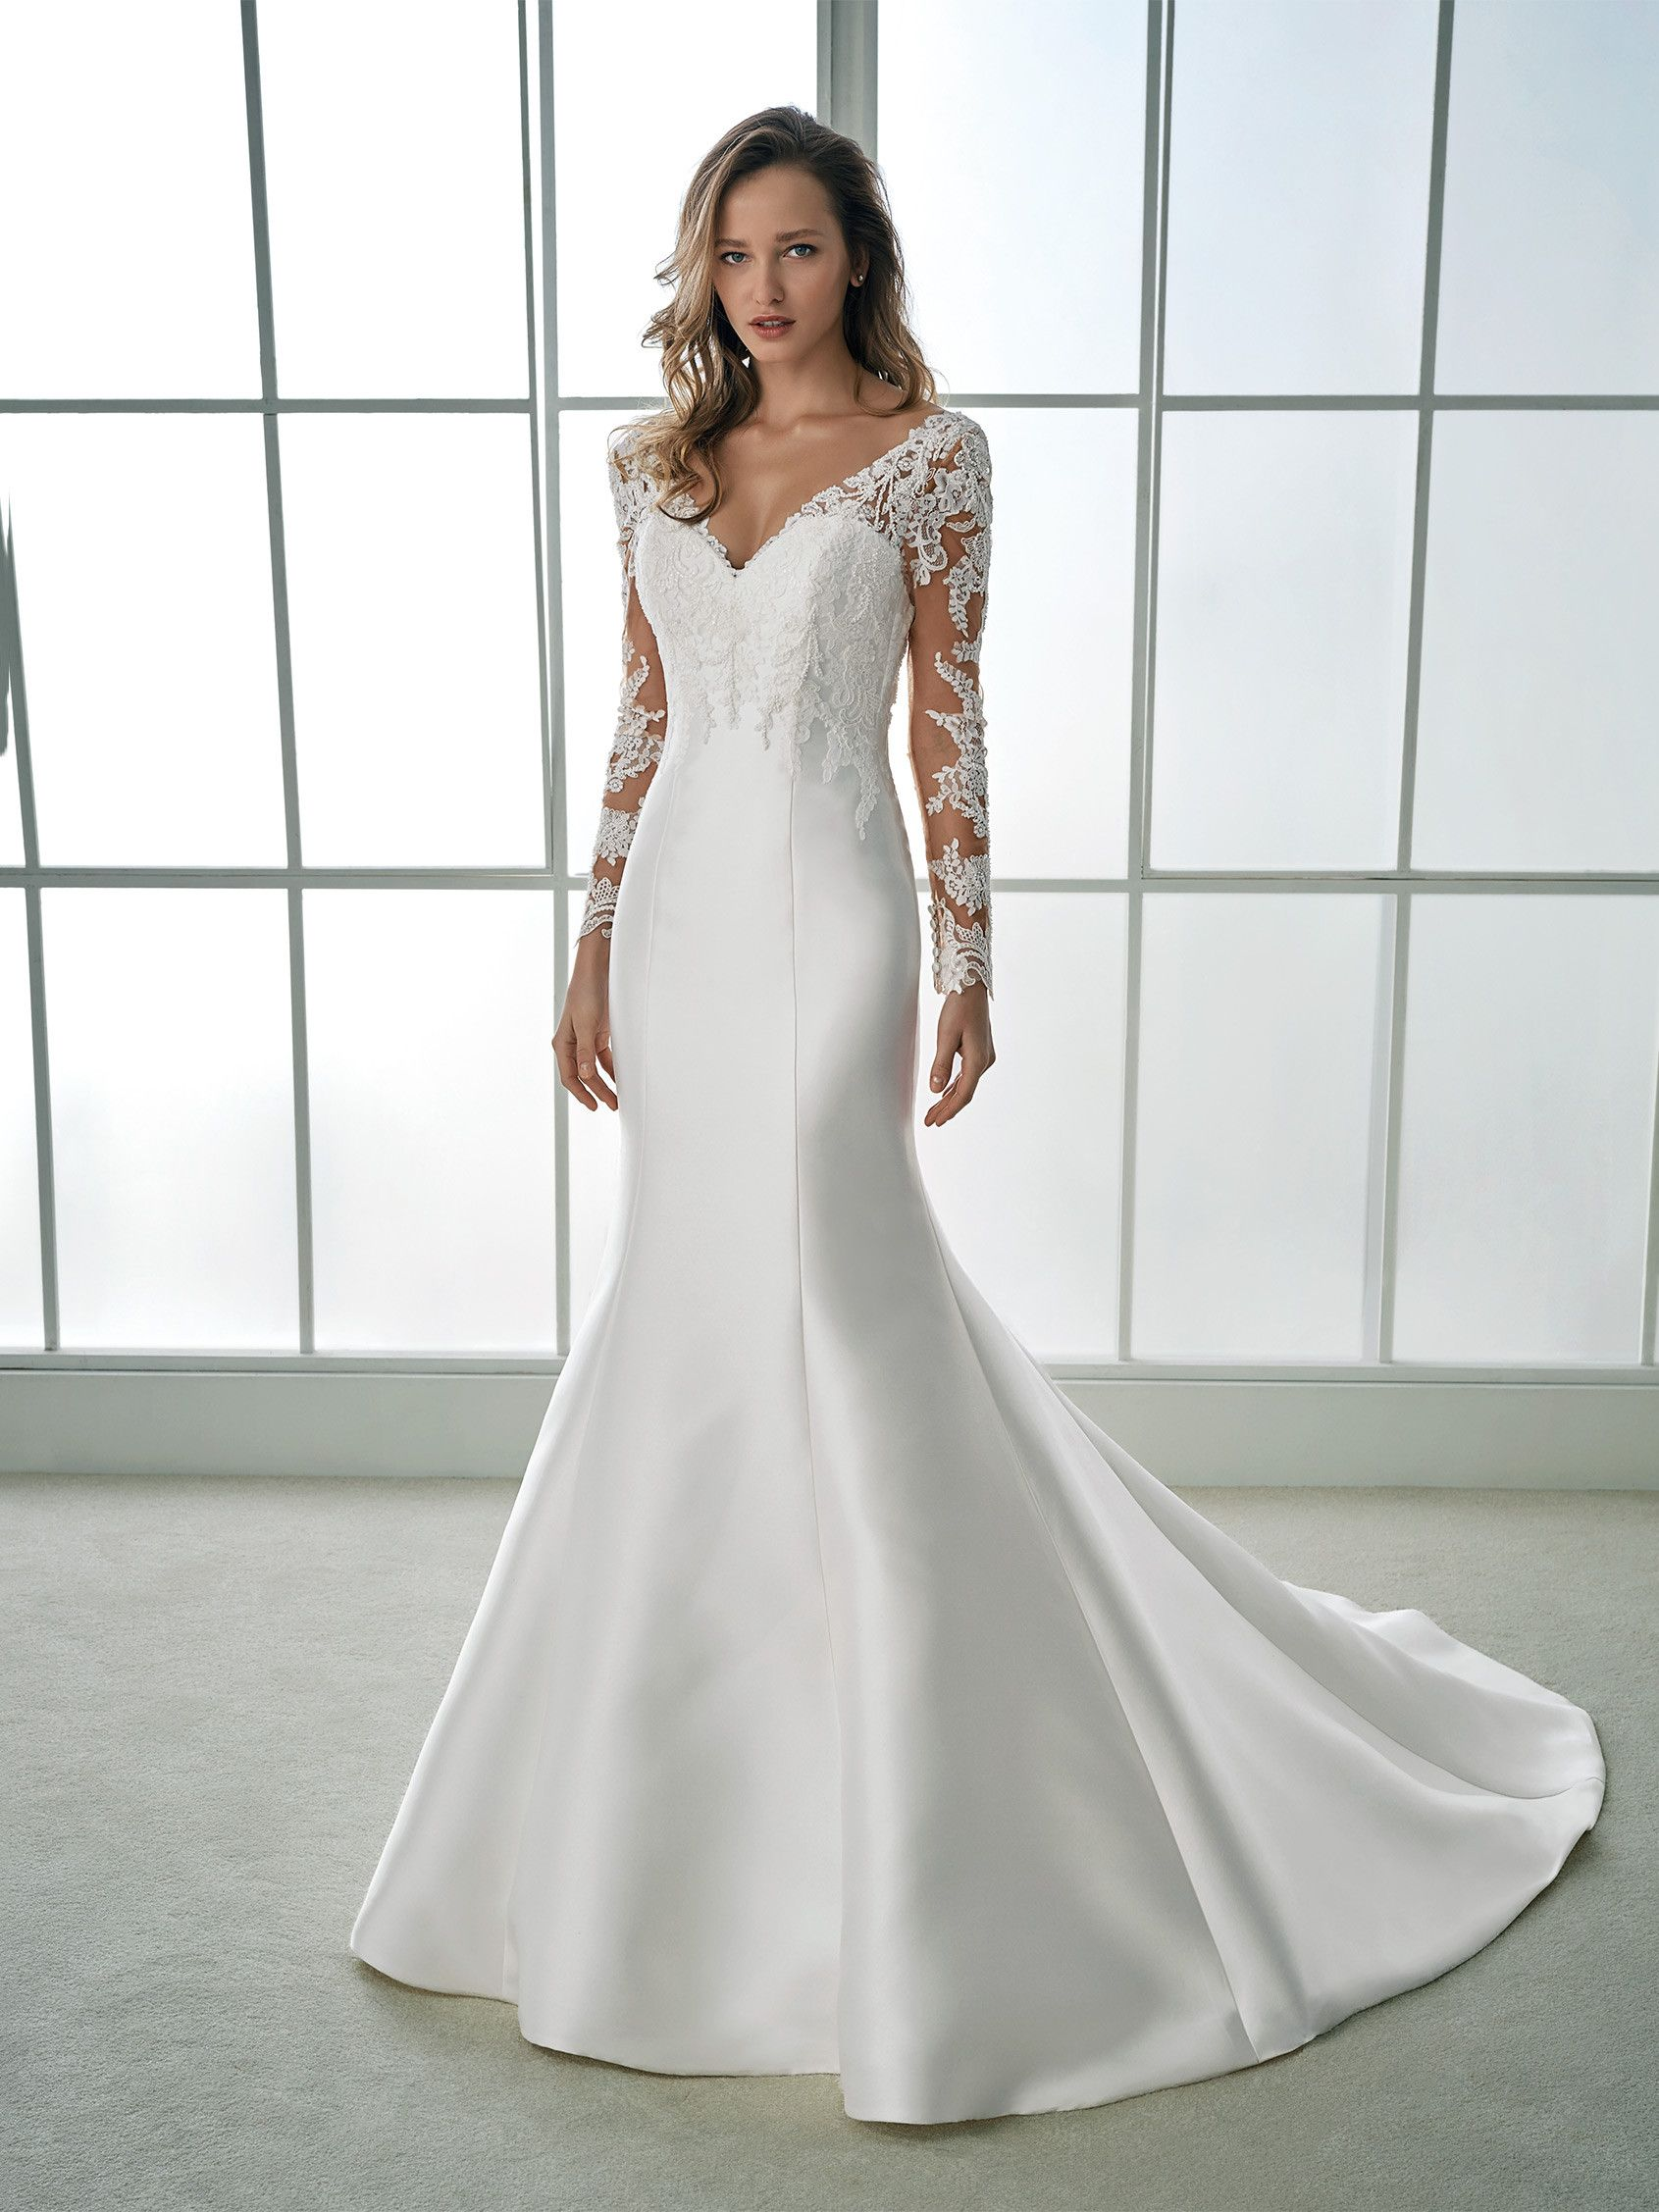 Hinreißendes Brautkleid im Meerjungfrau-Stil mit langen Ärmeln aus ...